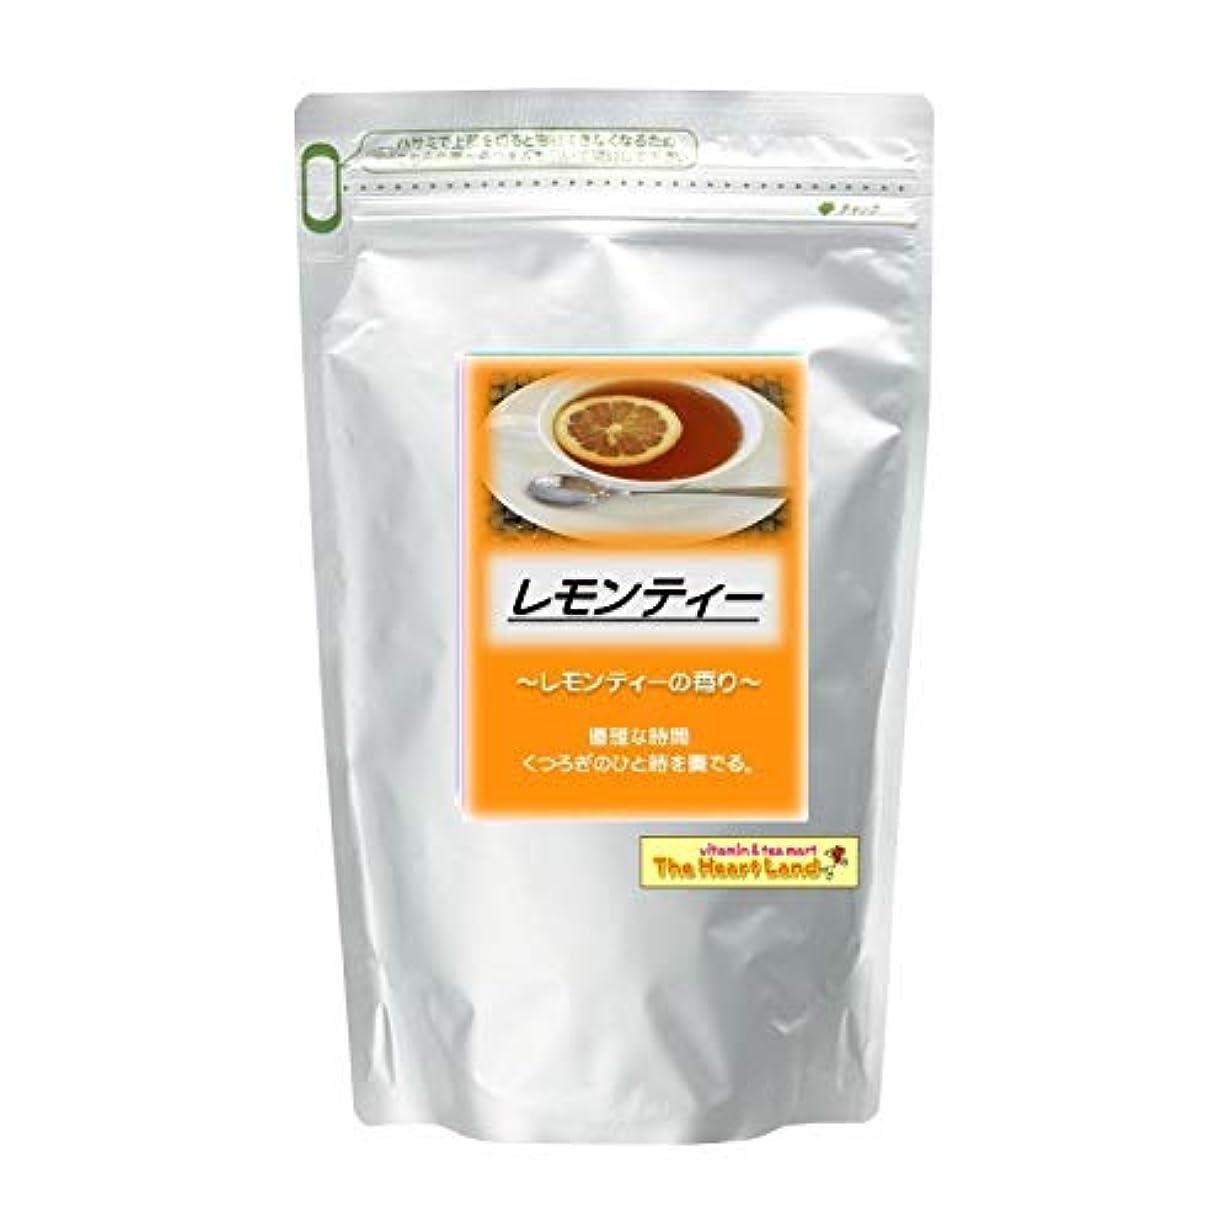 編集者ダンス鉄アサヒ入浴剤 浴用入浴化粧品 レモンティー 300g